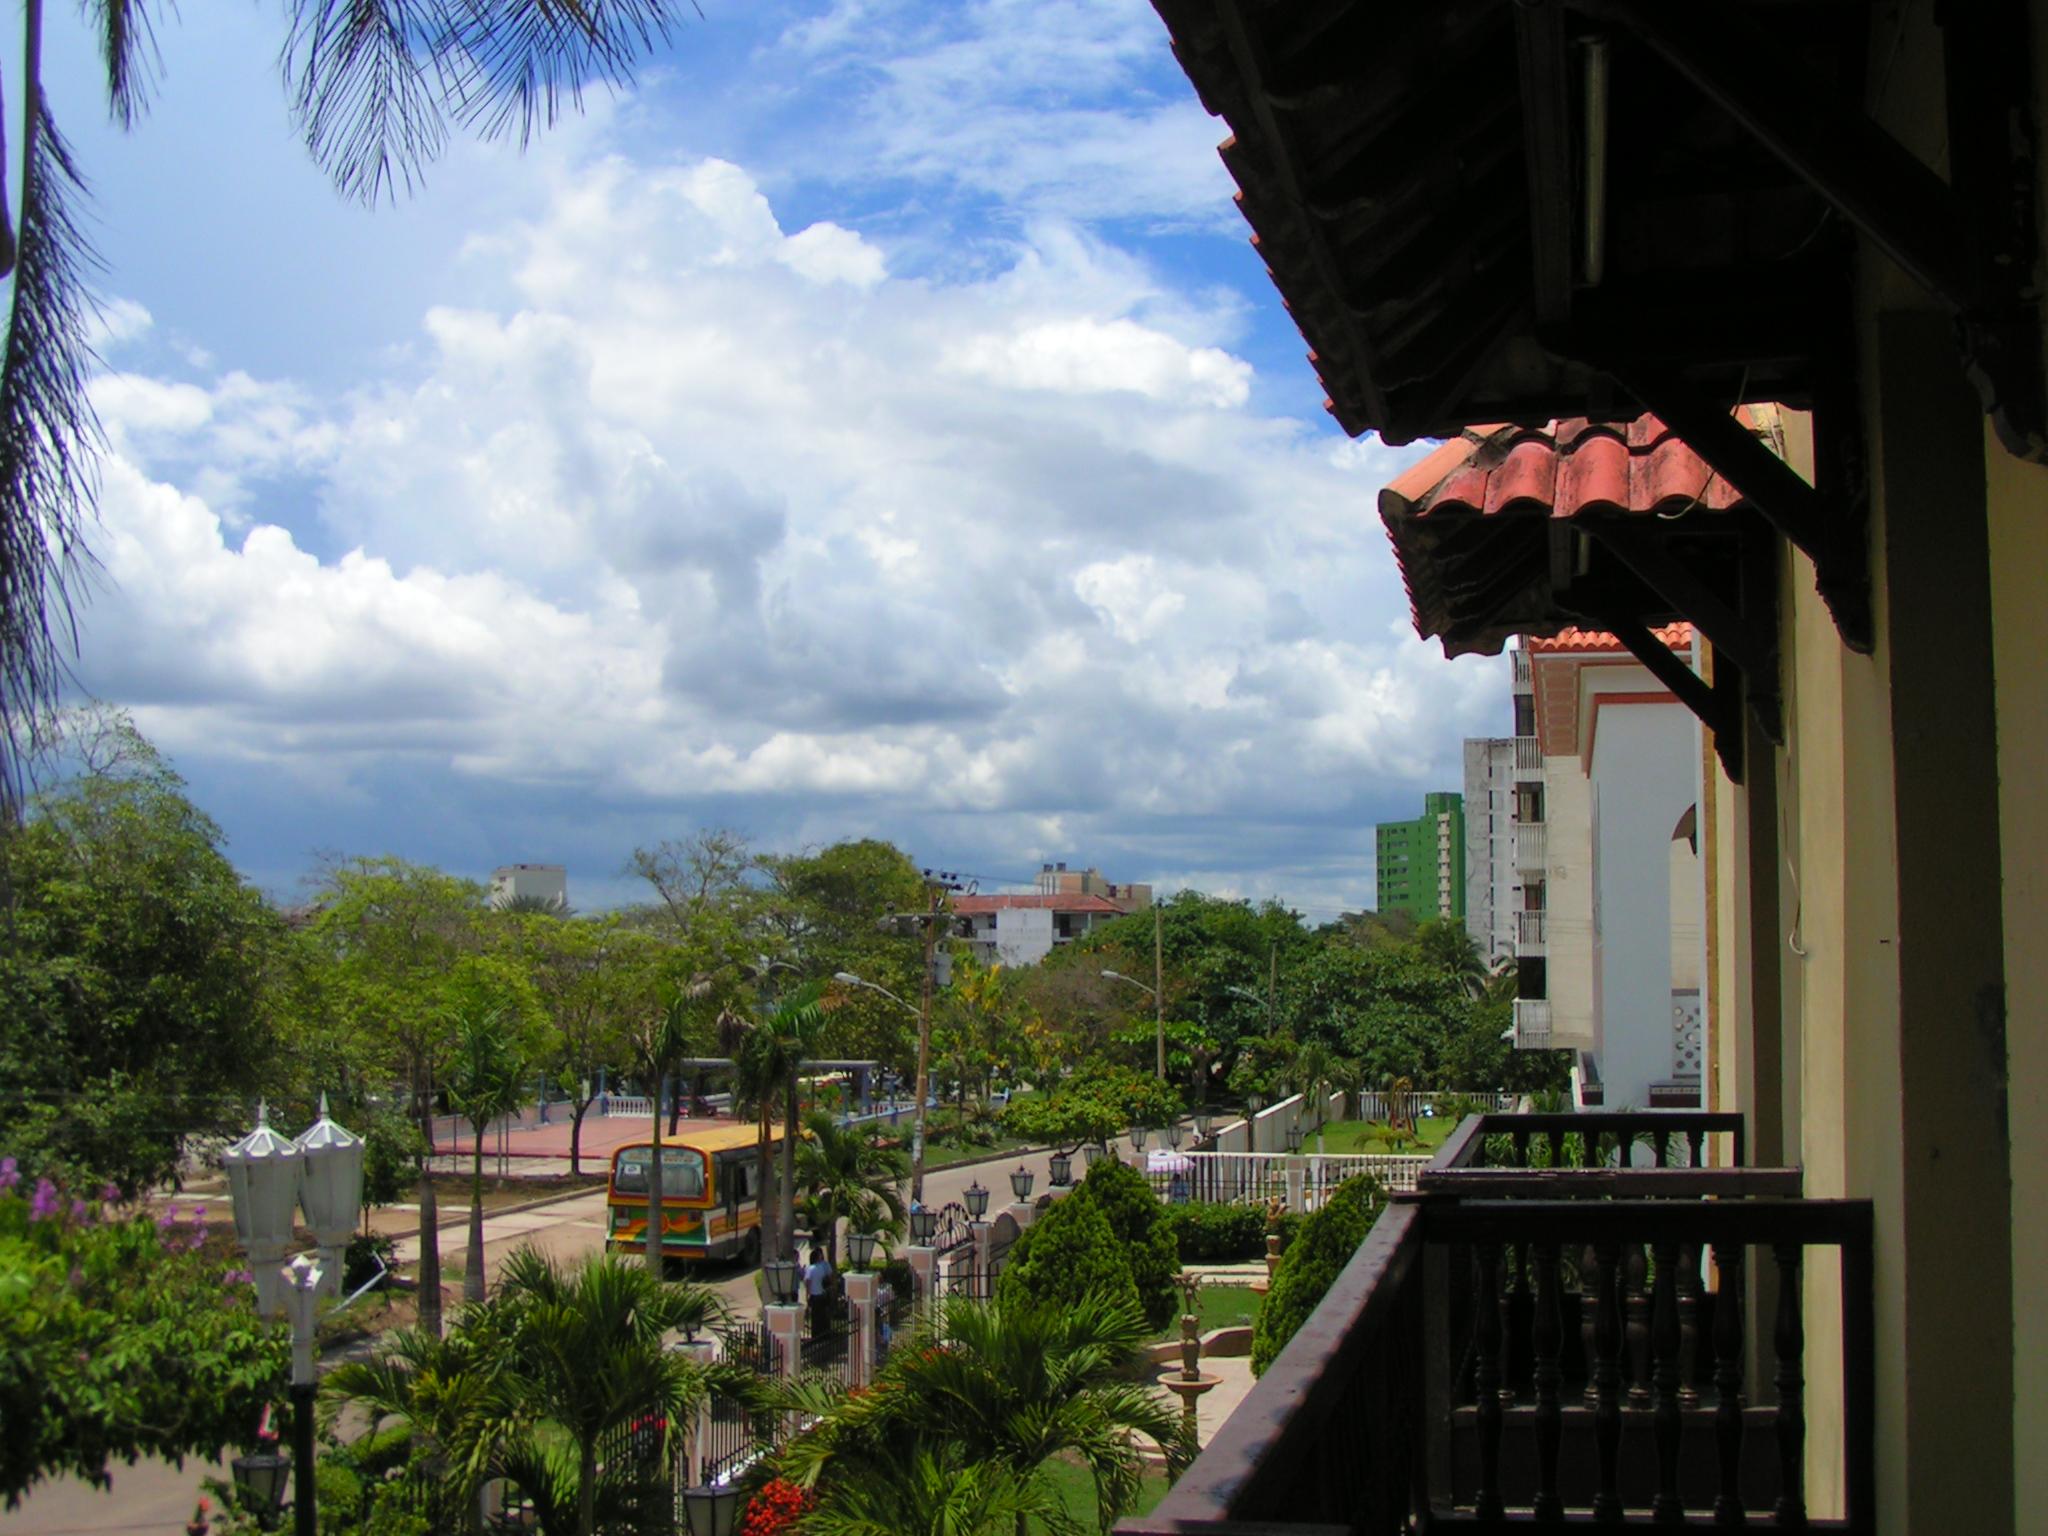 Turismo en Barranquilla beneficiado por juegos centroamericanos